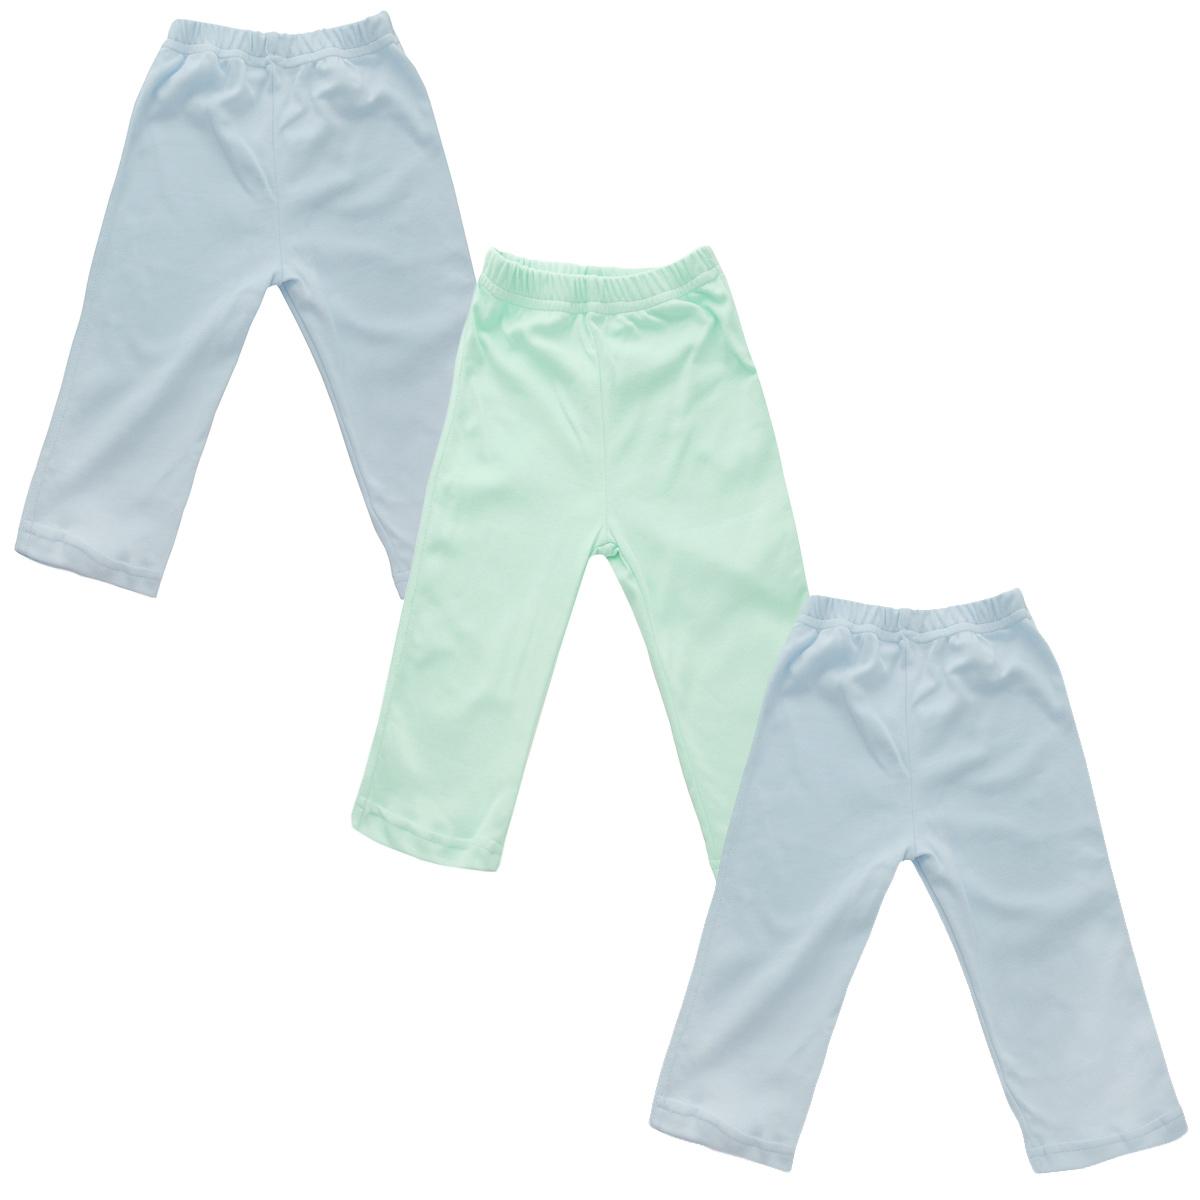 Штанишки для мальчика, 3 шт. 37-560м37-560мКомплект Фреш Стайл состоит из трех штанишек для мальчика. Штанишки послужат идеальным дополнением к гардеробу малыша, обеспечивая ей наибольший комфорт. Изготовленные из натурального хлопка, они необычайно мягкие и легкие, не раздражают нежную кожу ребенка и хорошо вентилируются, а эластичные швы приятны телу малышки и не препятствуют ее движениям. Штанишки дополнены мягкой резинкой, не сдавливающей животик ребенка. Штанишки очень удобный и практичный вид одежды для малышей. Отлично сочетаются с футболками, кофточками и боди. В таких штанишках вашему малышу будет уютно и комфортно! УВАЖАЕМЫЕ КЛИЕНТЫ! Обращаем ваше внимание на тот факт, что товар поставляется в цветовом ассортименте. Поставка осуществляется в зависимости от наличия на складе.